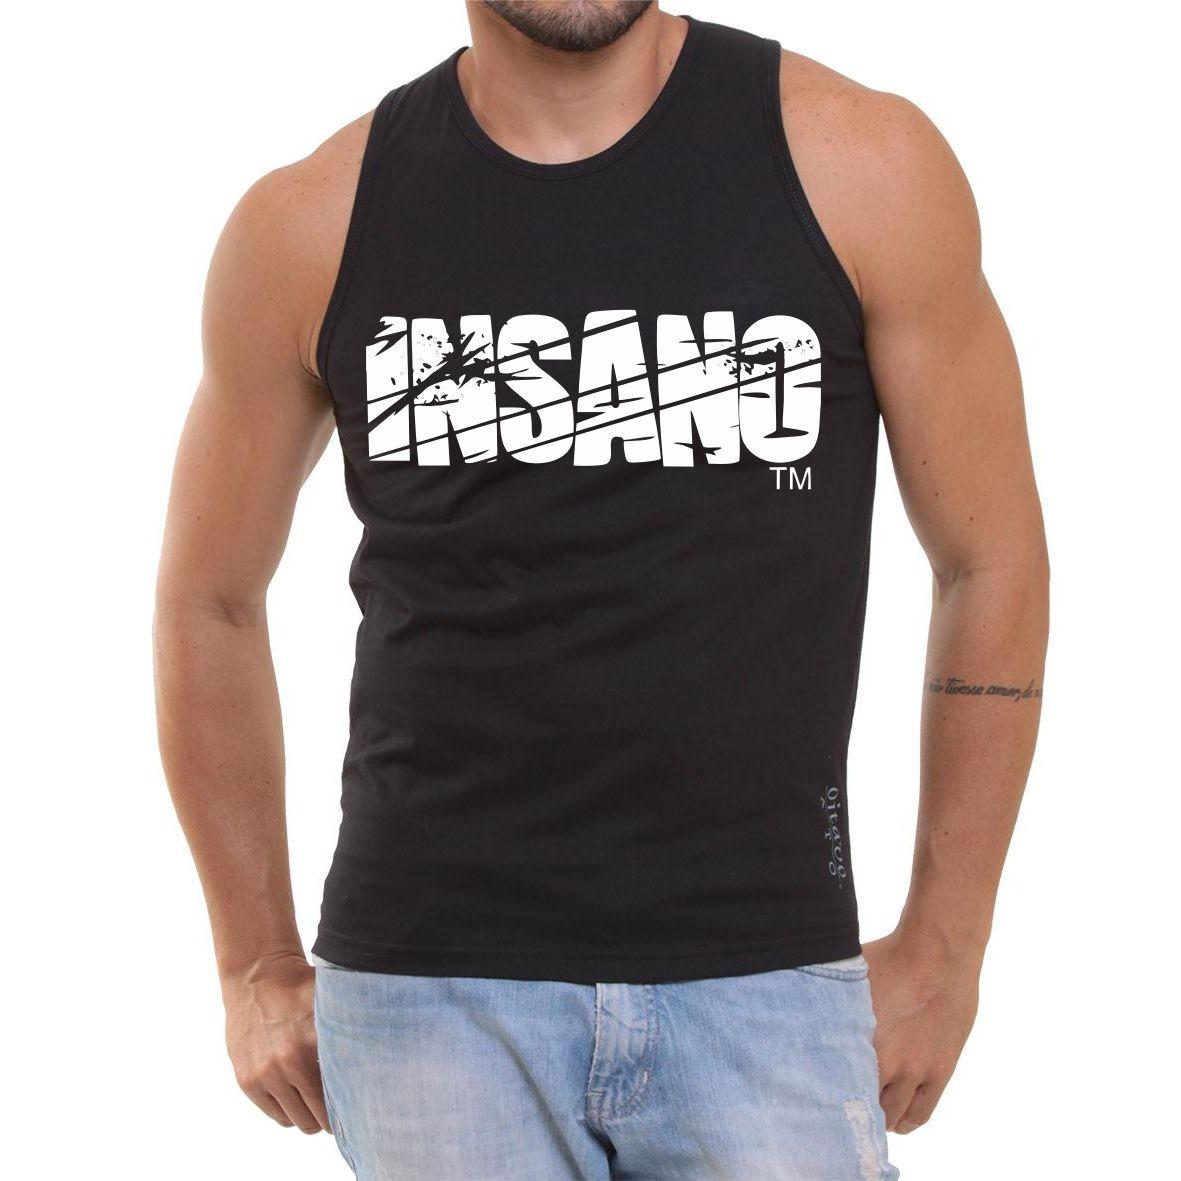 camiseta insano camisa regata musculação fitness academia. Carregando zoom. 17fcf4140db